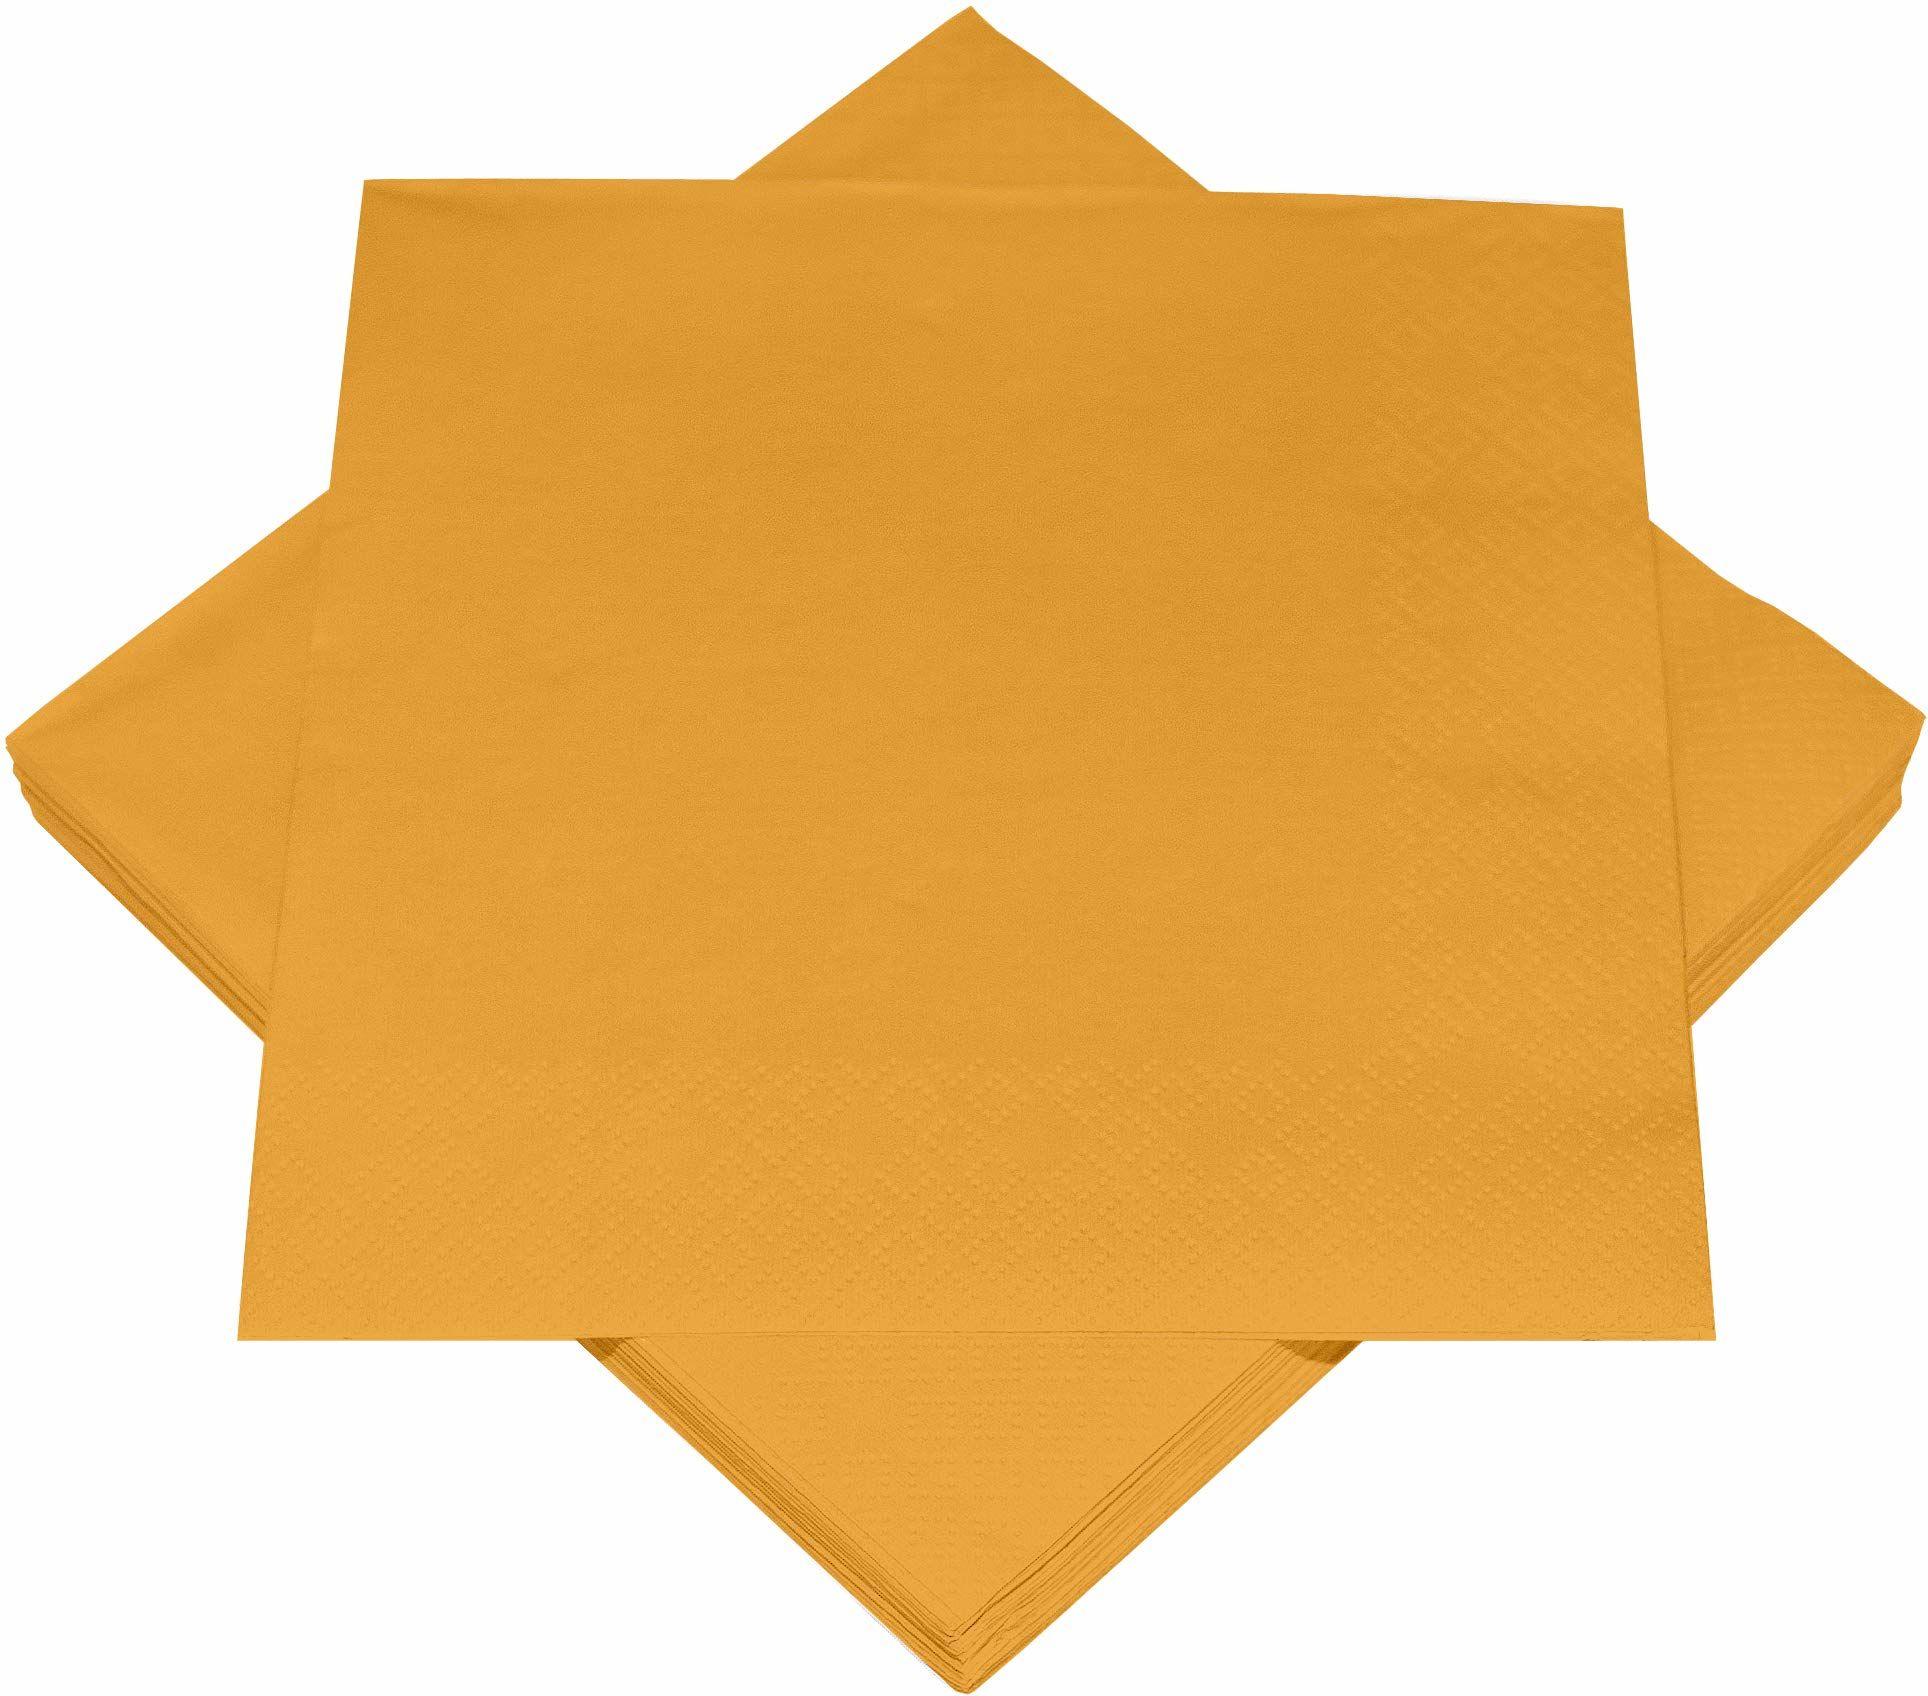 Heku 30241-11: 100 serwetek jednokolorowych, 3-warstwowych, 33 x 33 cm, pomarańczowy